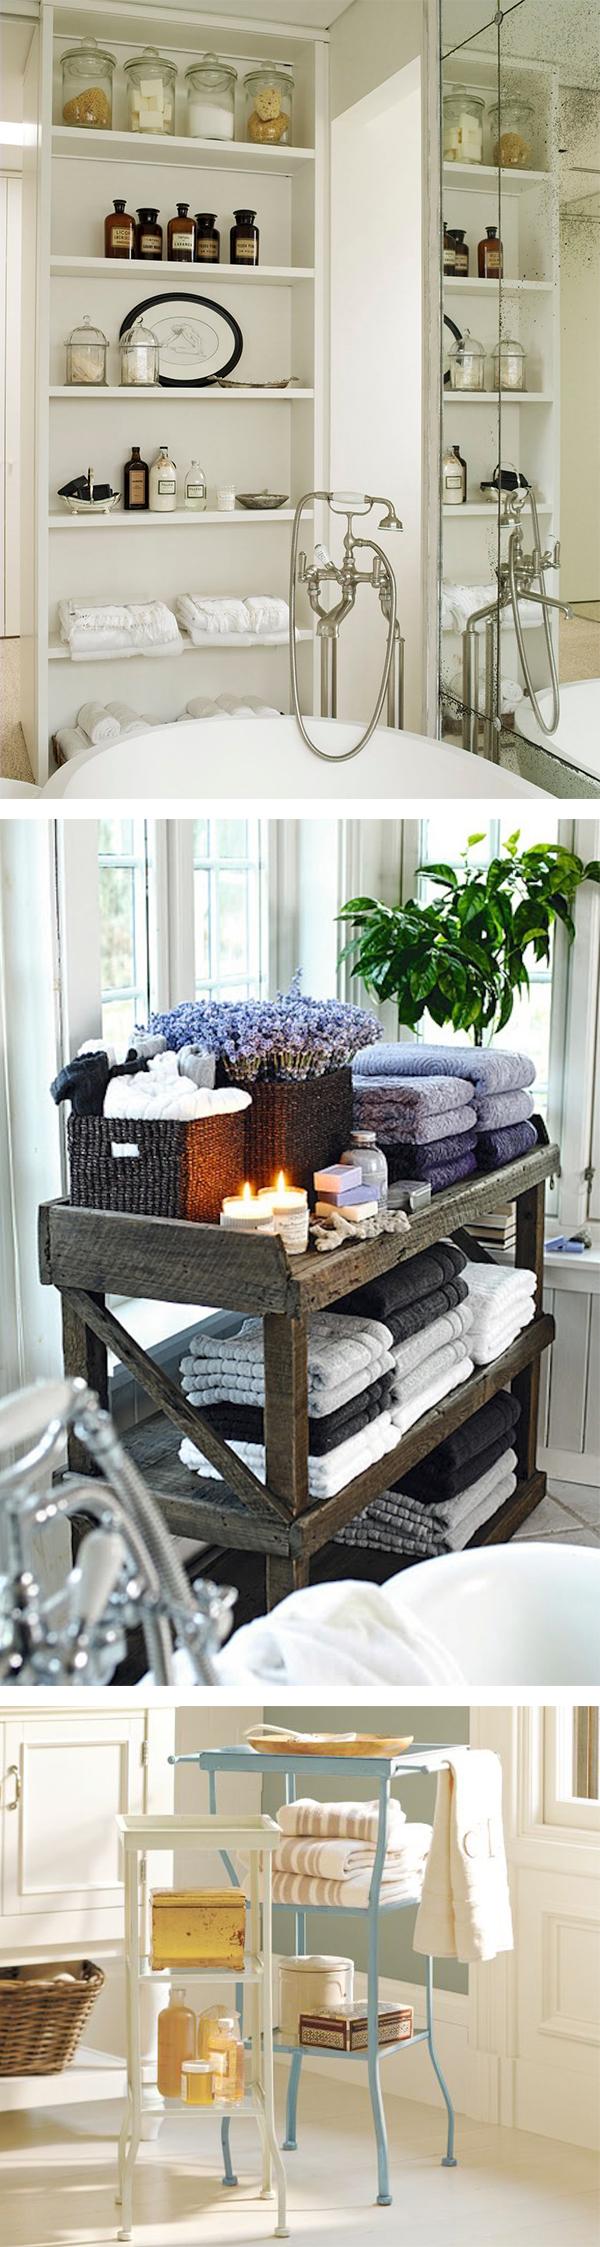 como-organizar-as-toalhas-de-banho